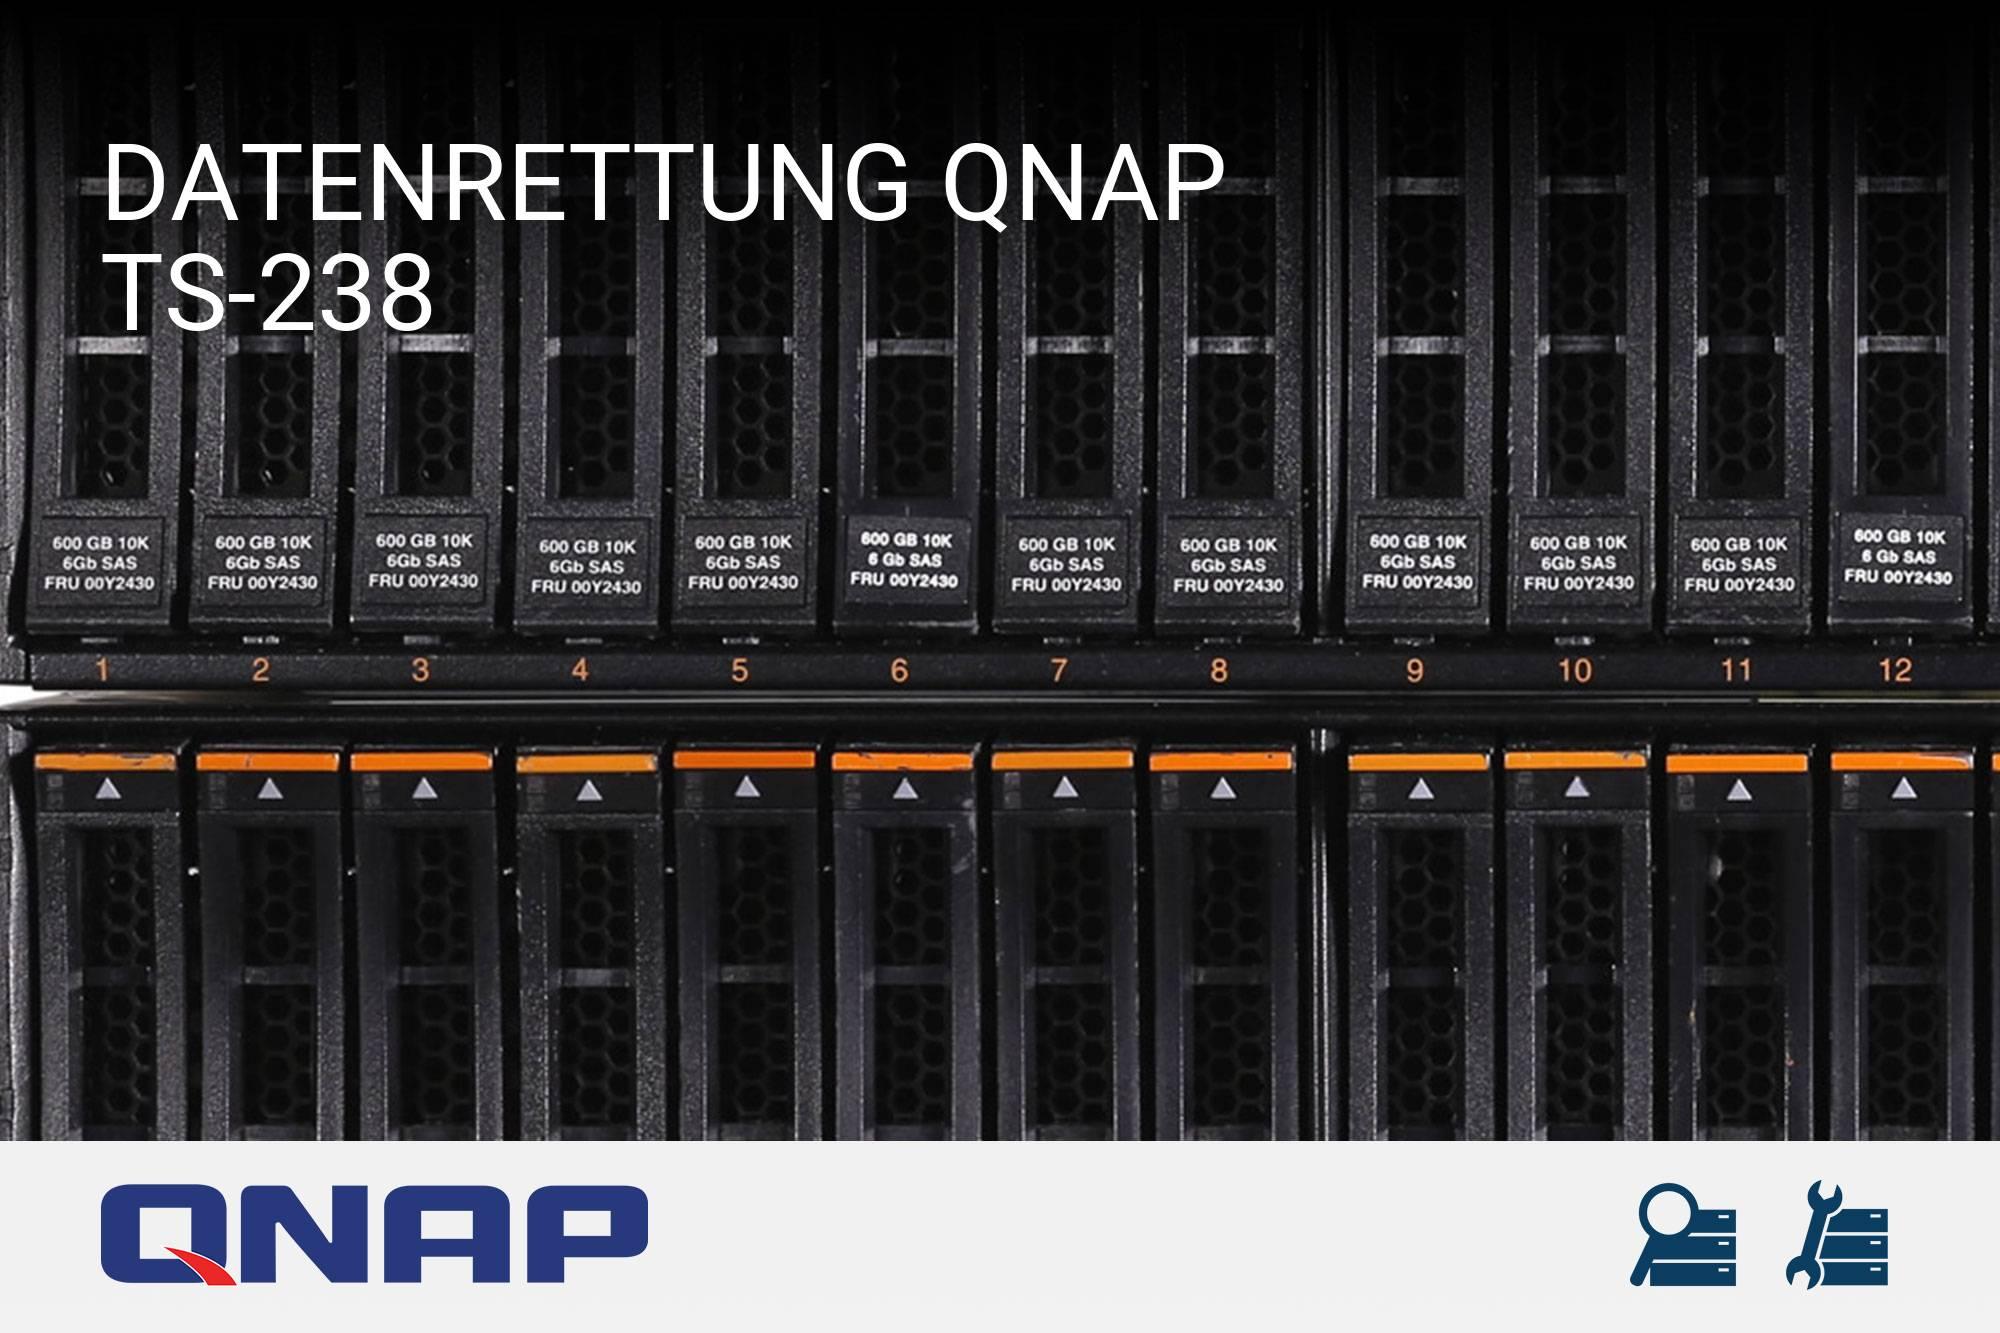 QNAP TS-238